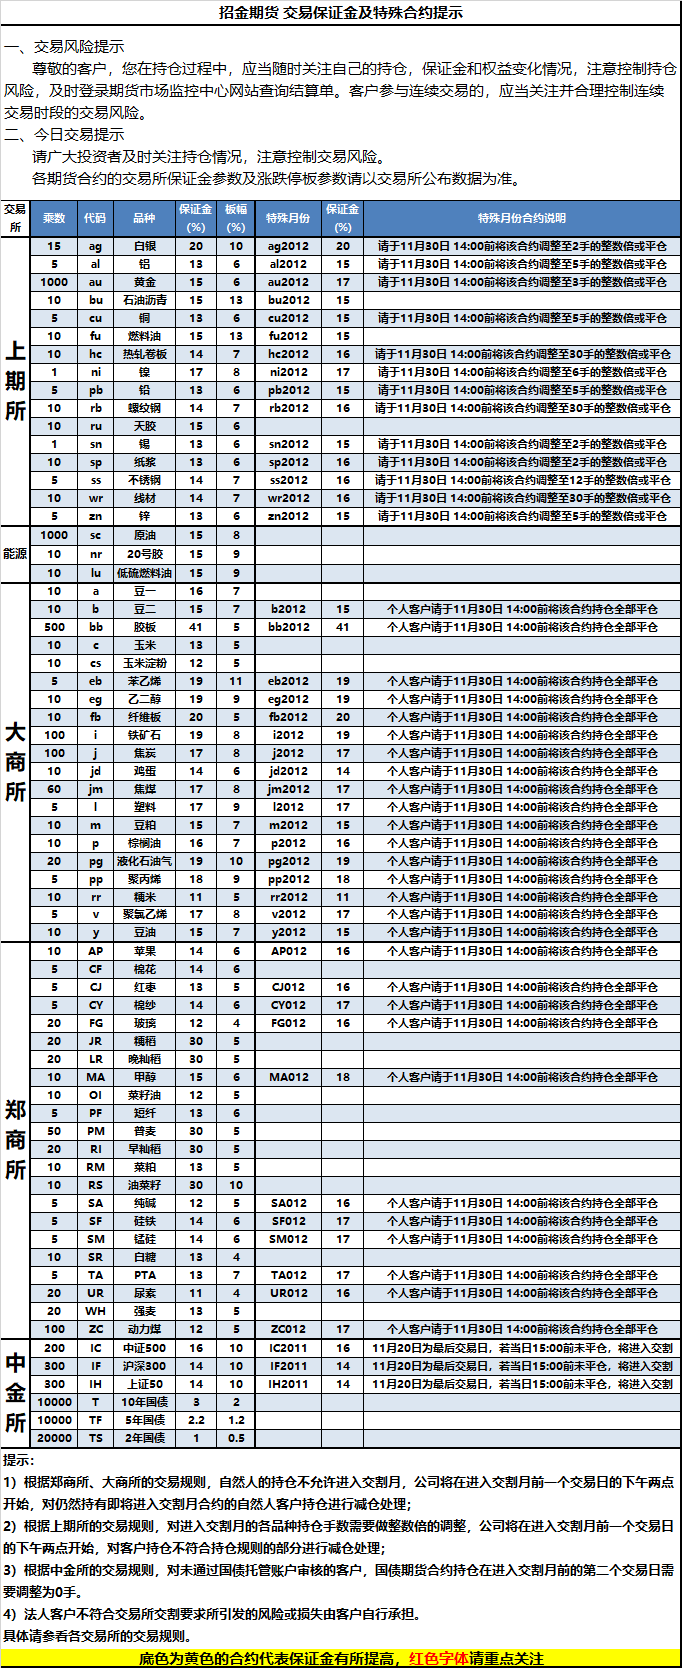 2020-11-17交易保证金